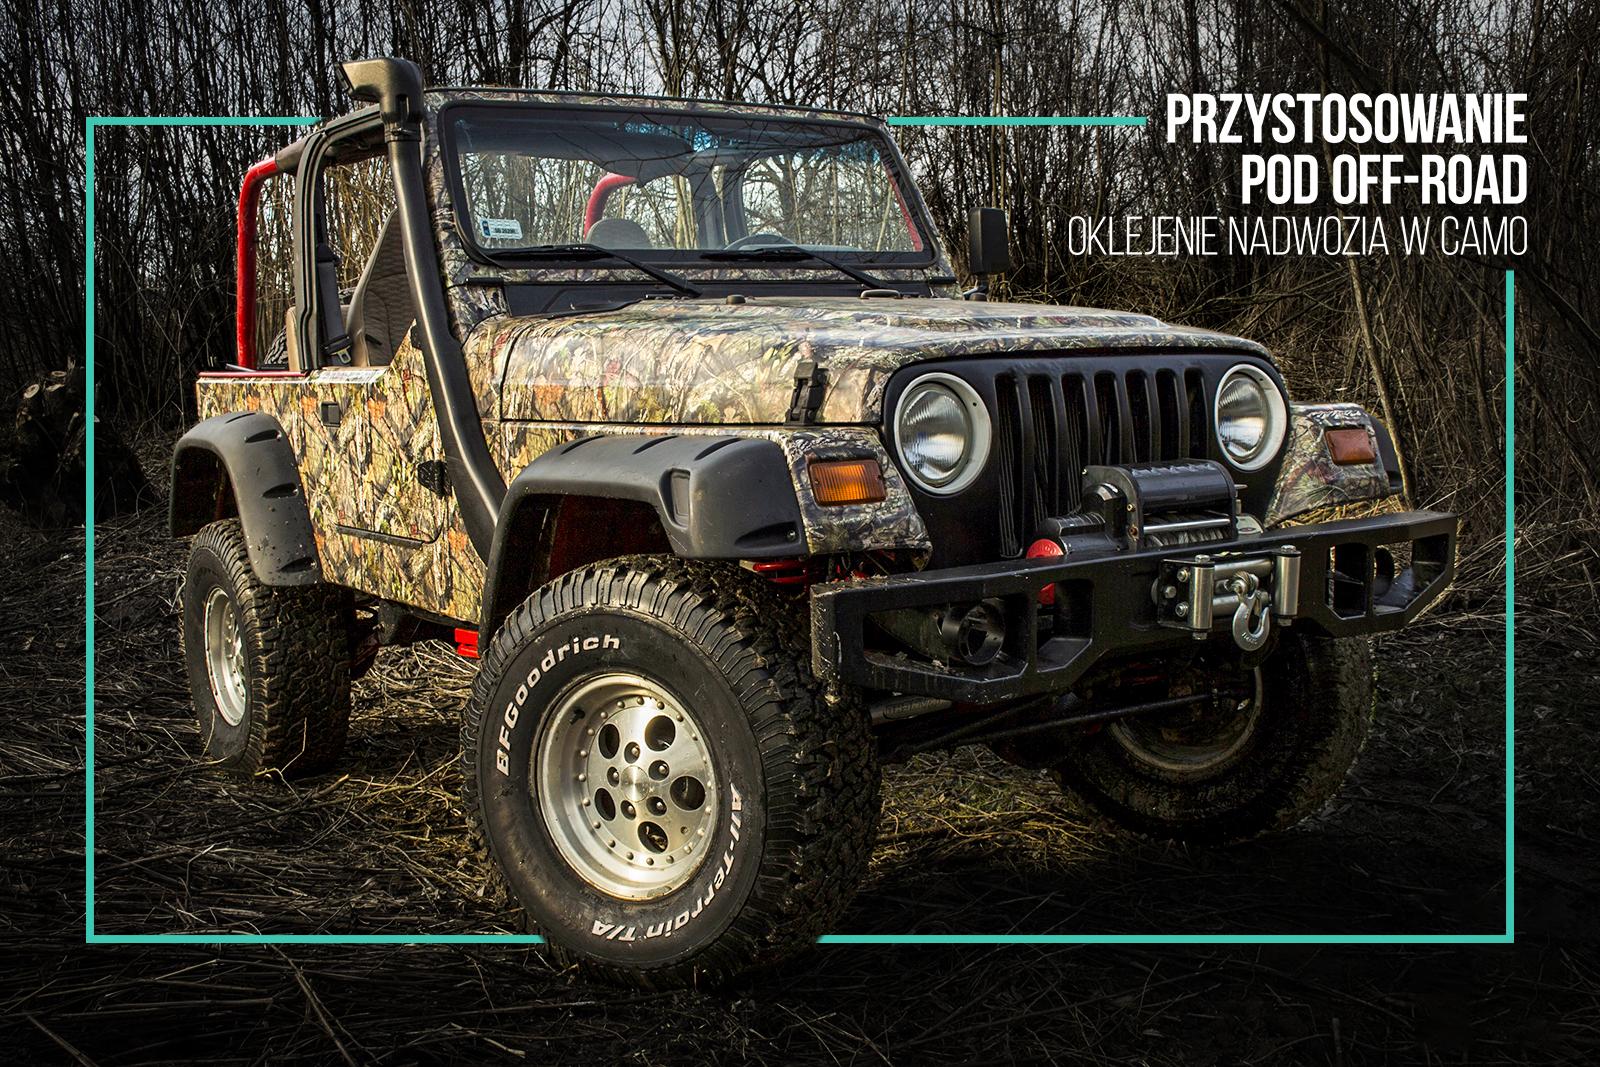 Jeep Wrangler TJ - tuning wizualny oraz mechaniczny